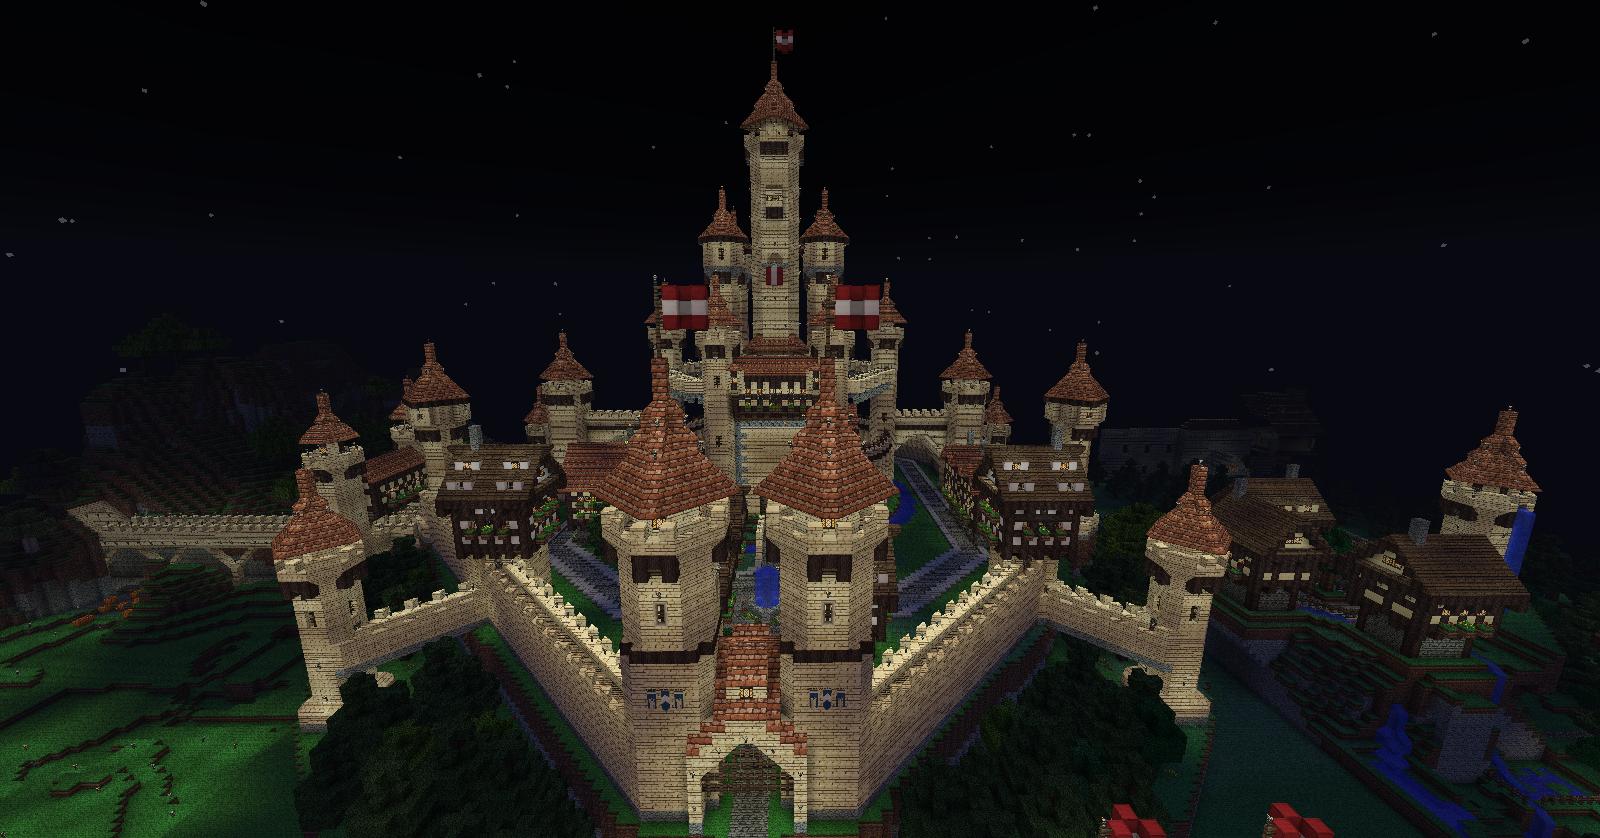 Minecraft Sandstone Castle By Undeadwarrior7411 On Deviantart